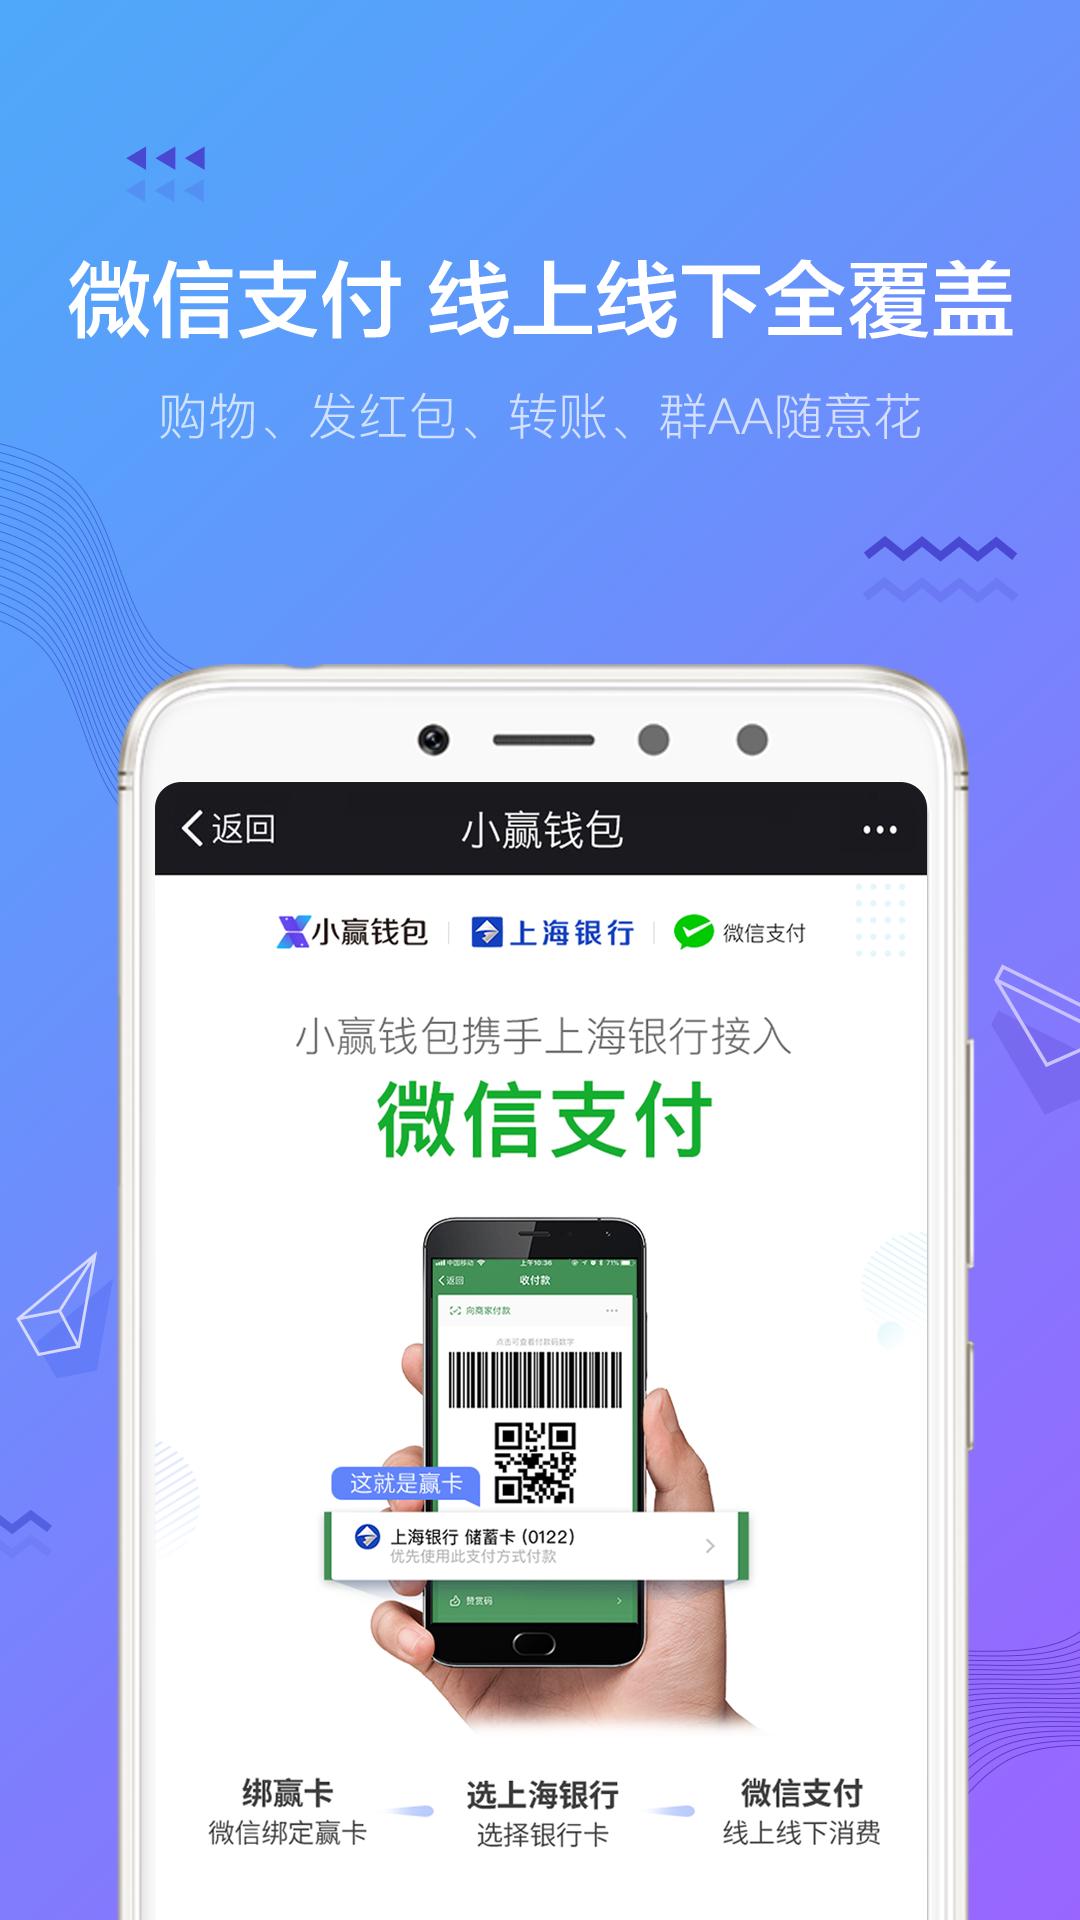 万盛宝贷款app下载手机版图1: